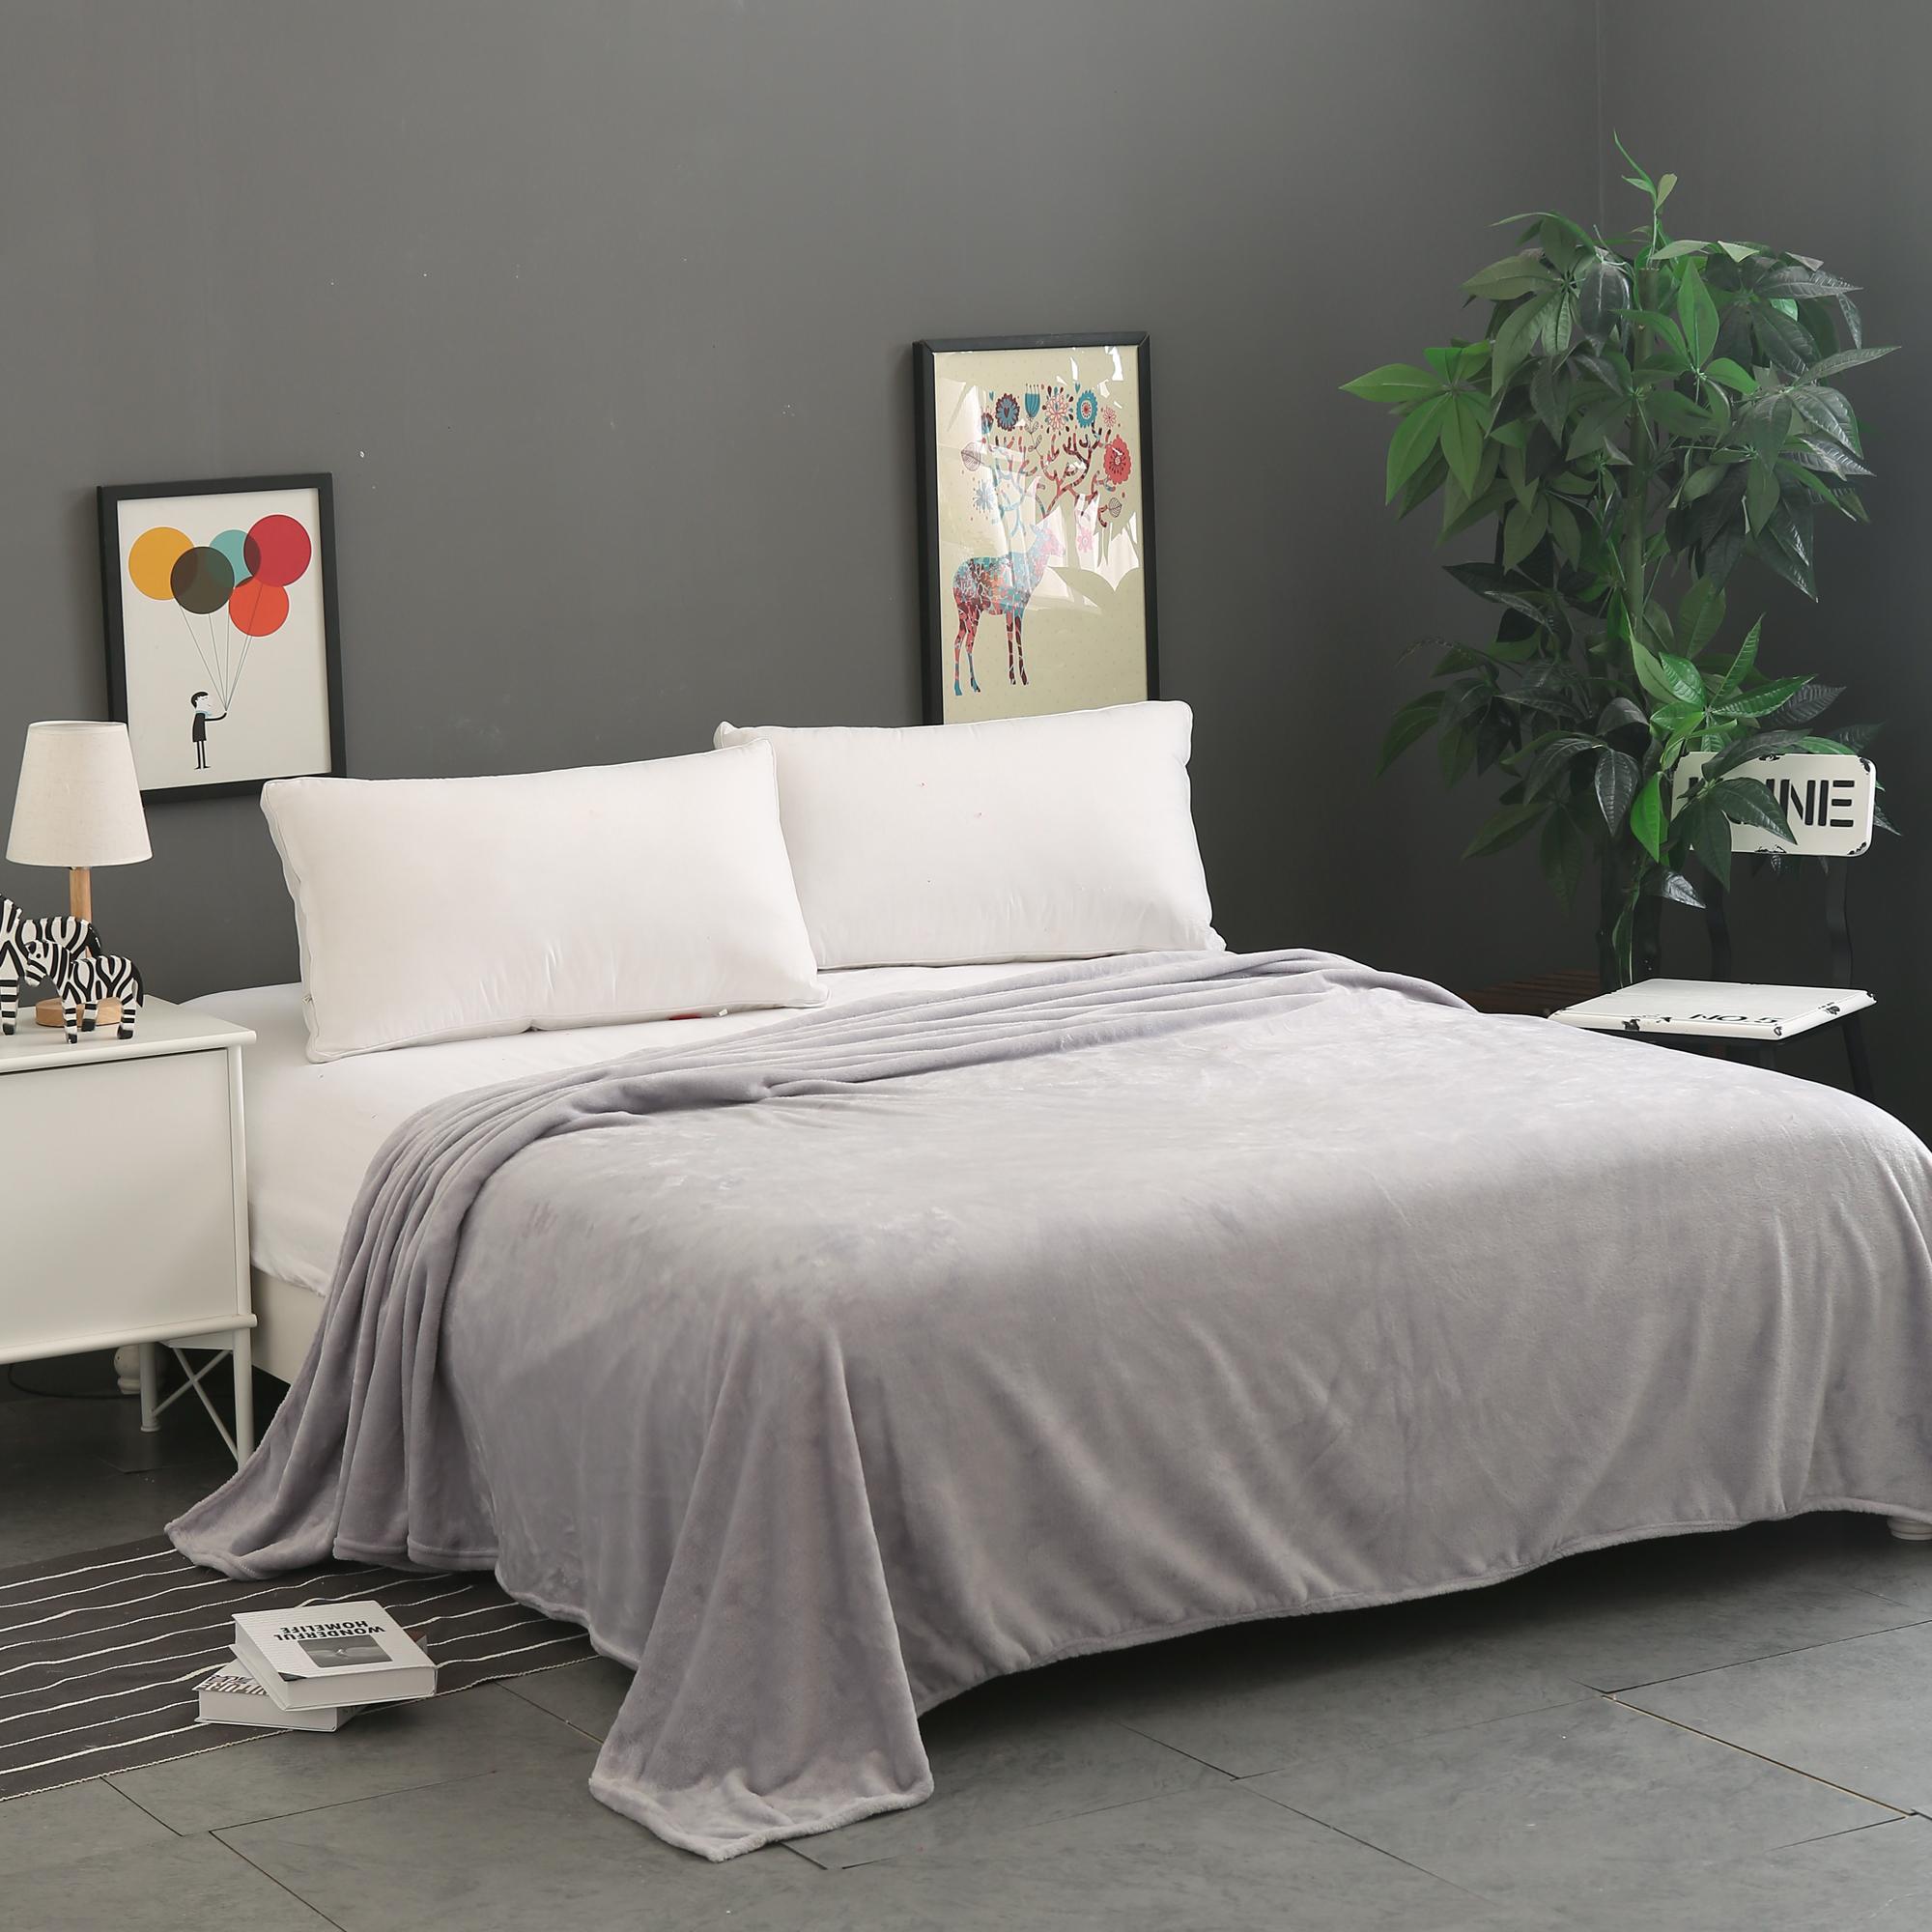 夏季法莱绒毛毯纯色珊瑚绒盖毯床单午睡空调毯沙发毯薄款瑜伽毯